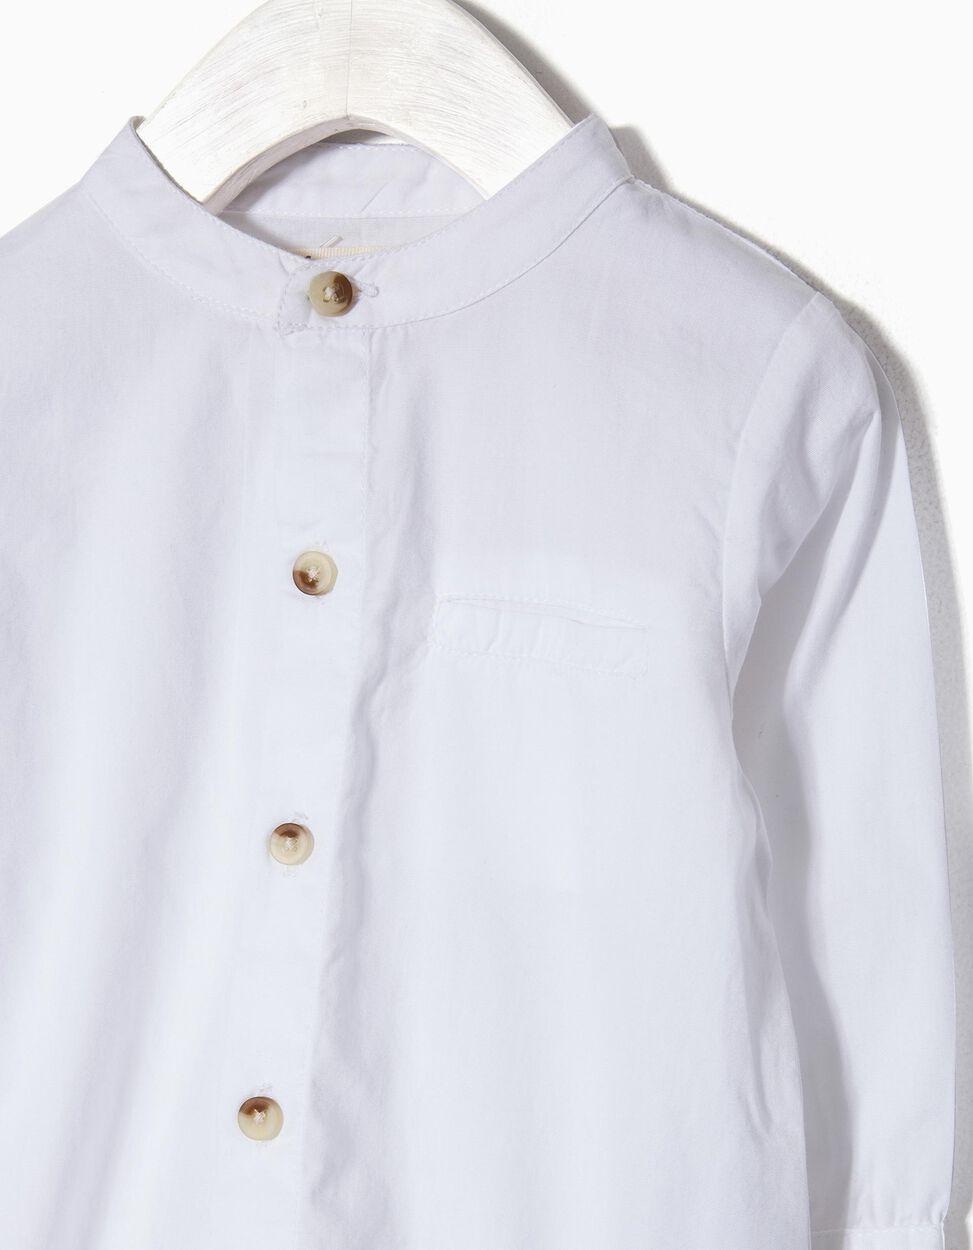 Body Camisa Mao